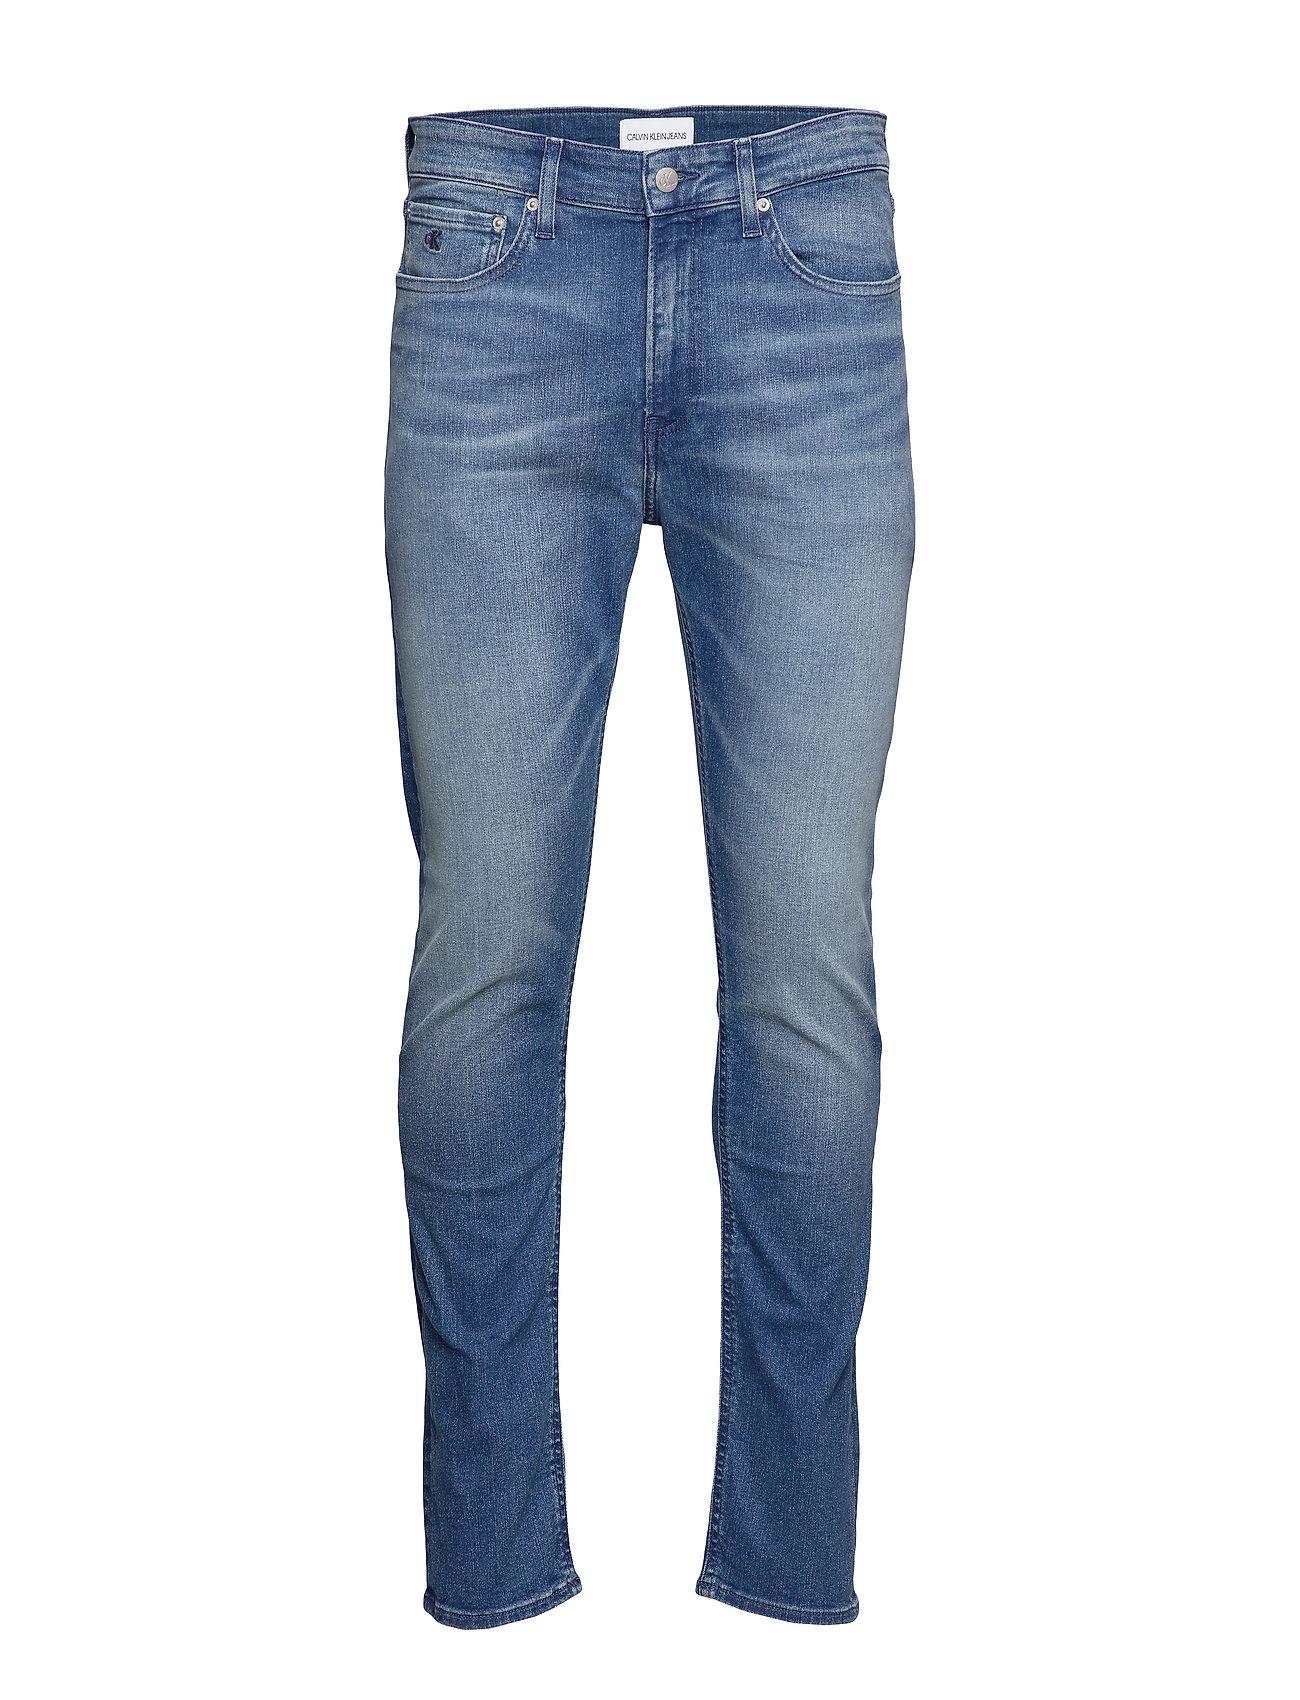 Calvin Klein Jeans CKJ 016 SKINNY - CA095 DARK BLUE